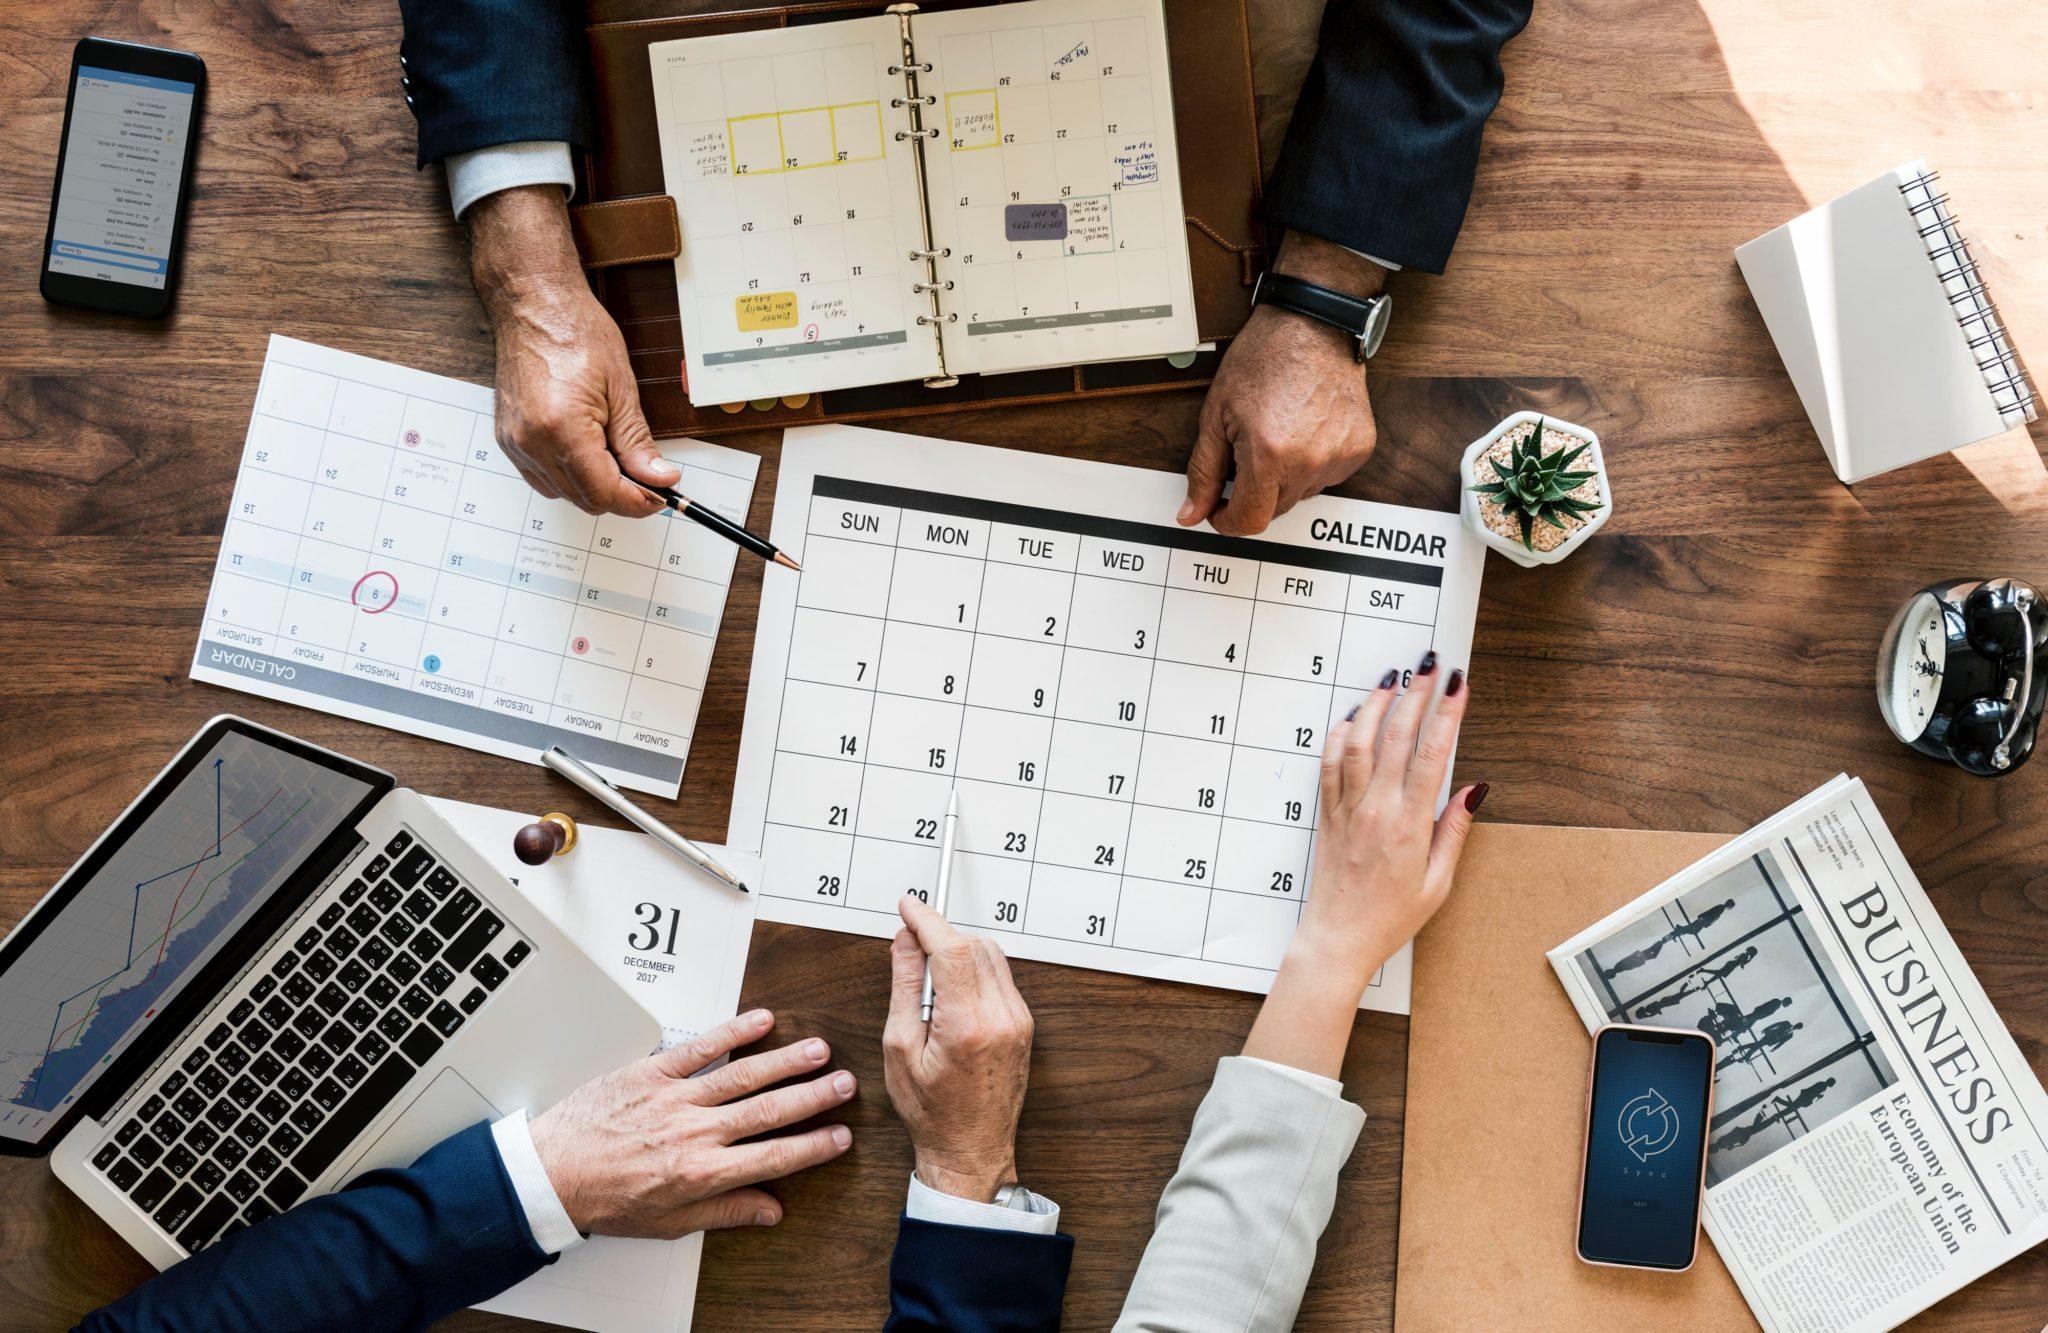 calendario editoriale-content marketing